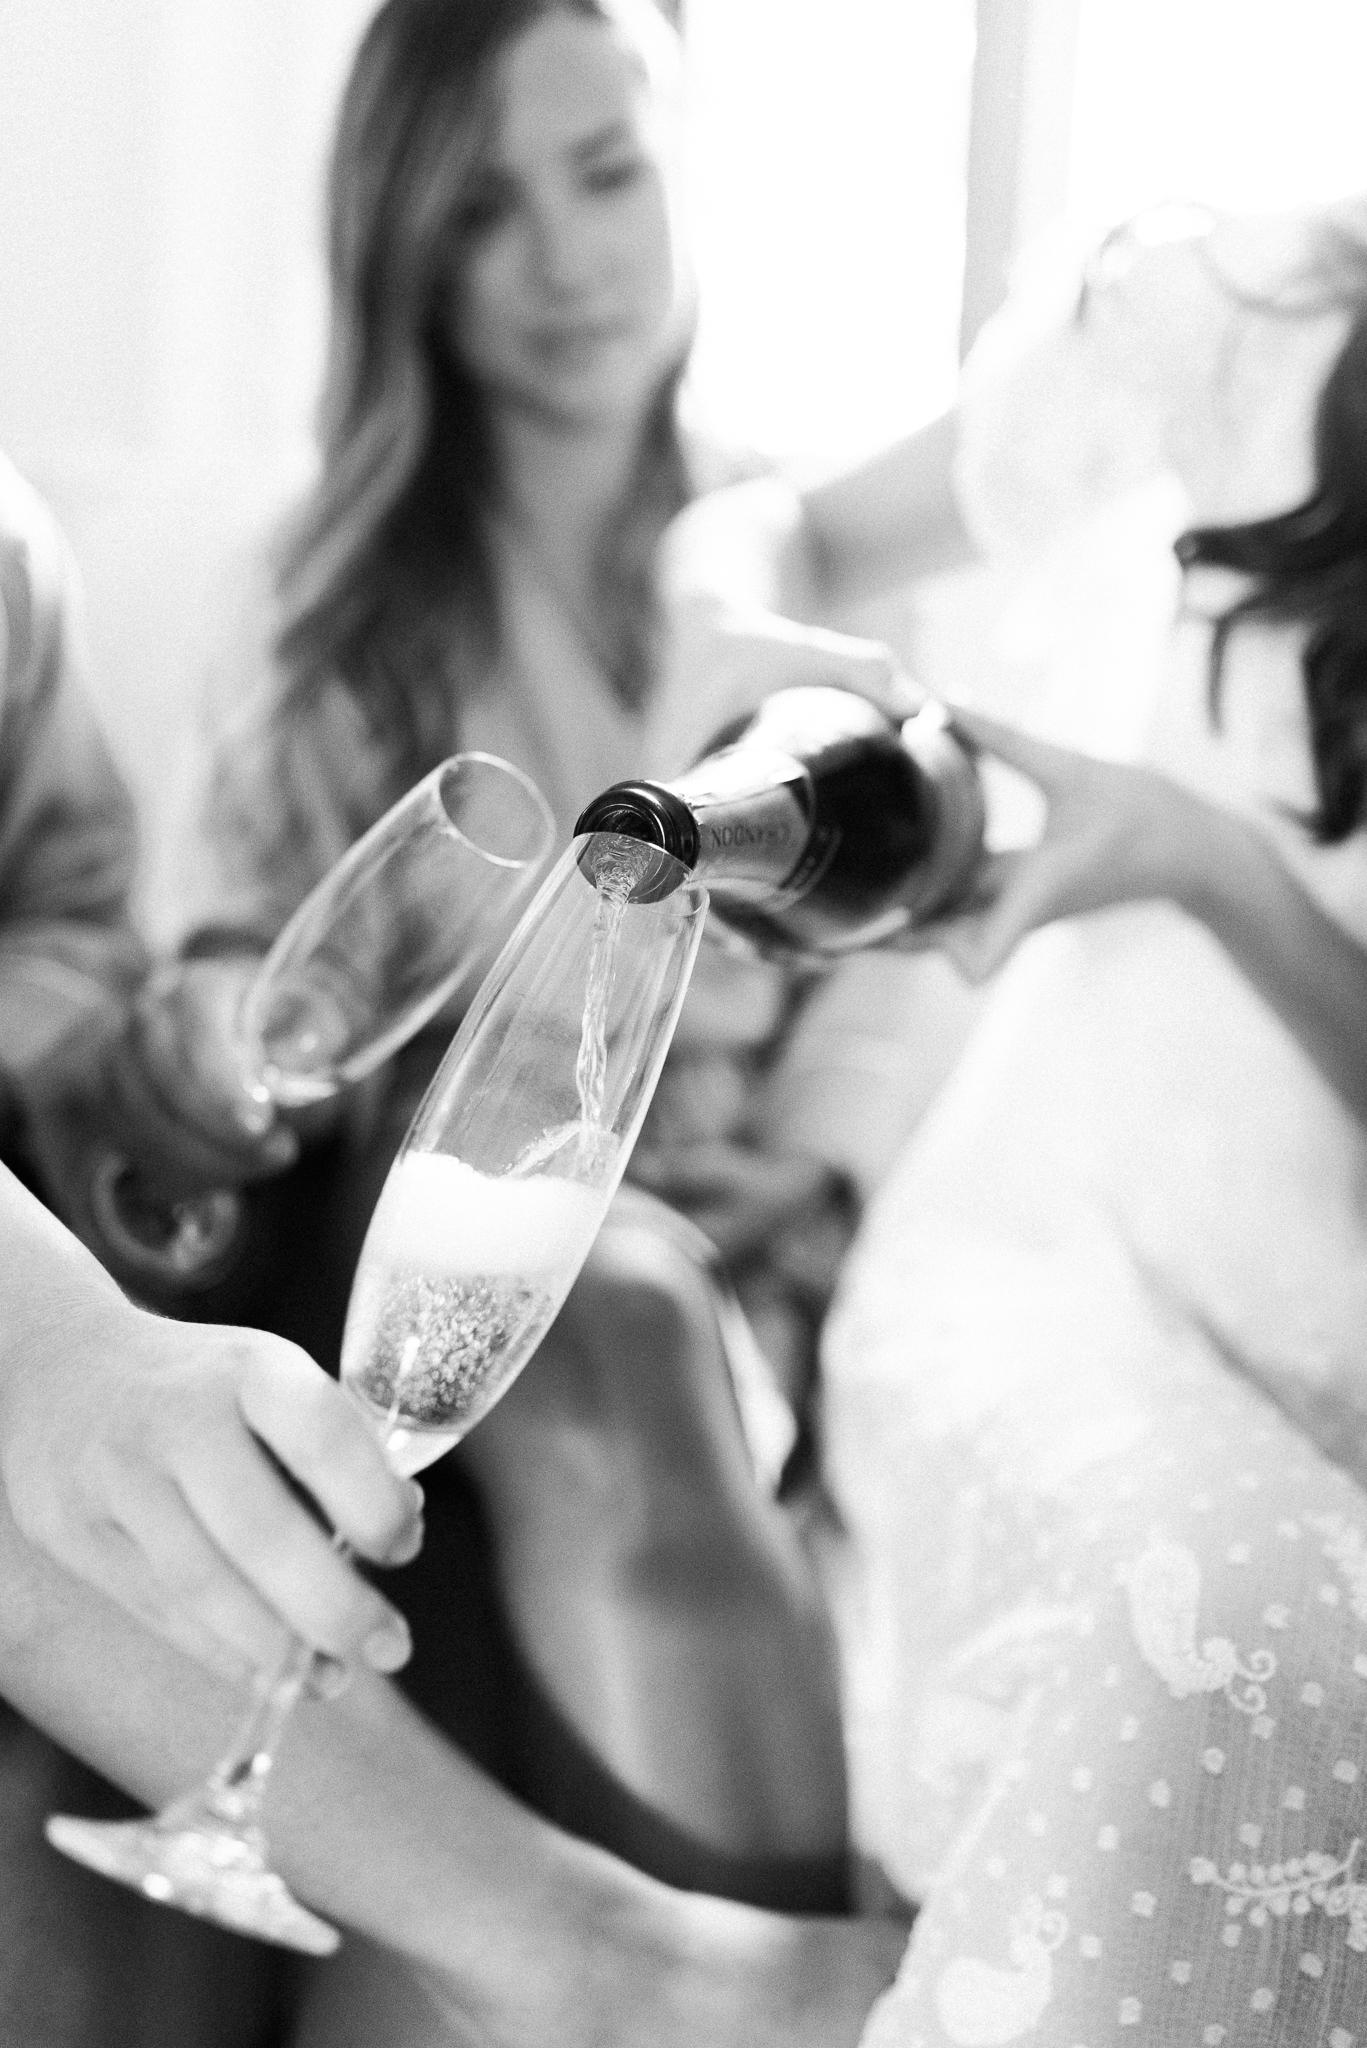 photo mariage salle du quai cap blanc quebec demoiselles honneurs toast robes de chambre toscane elisa photographe 2163 - MALYE + ANTHONY | Québec, Salle du Quai du Cap Blanc | Photographe de mariage | Elisa Photography